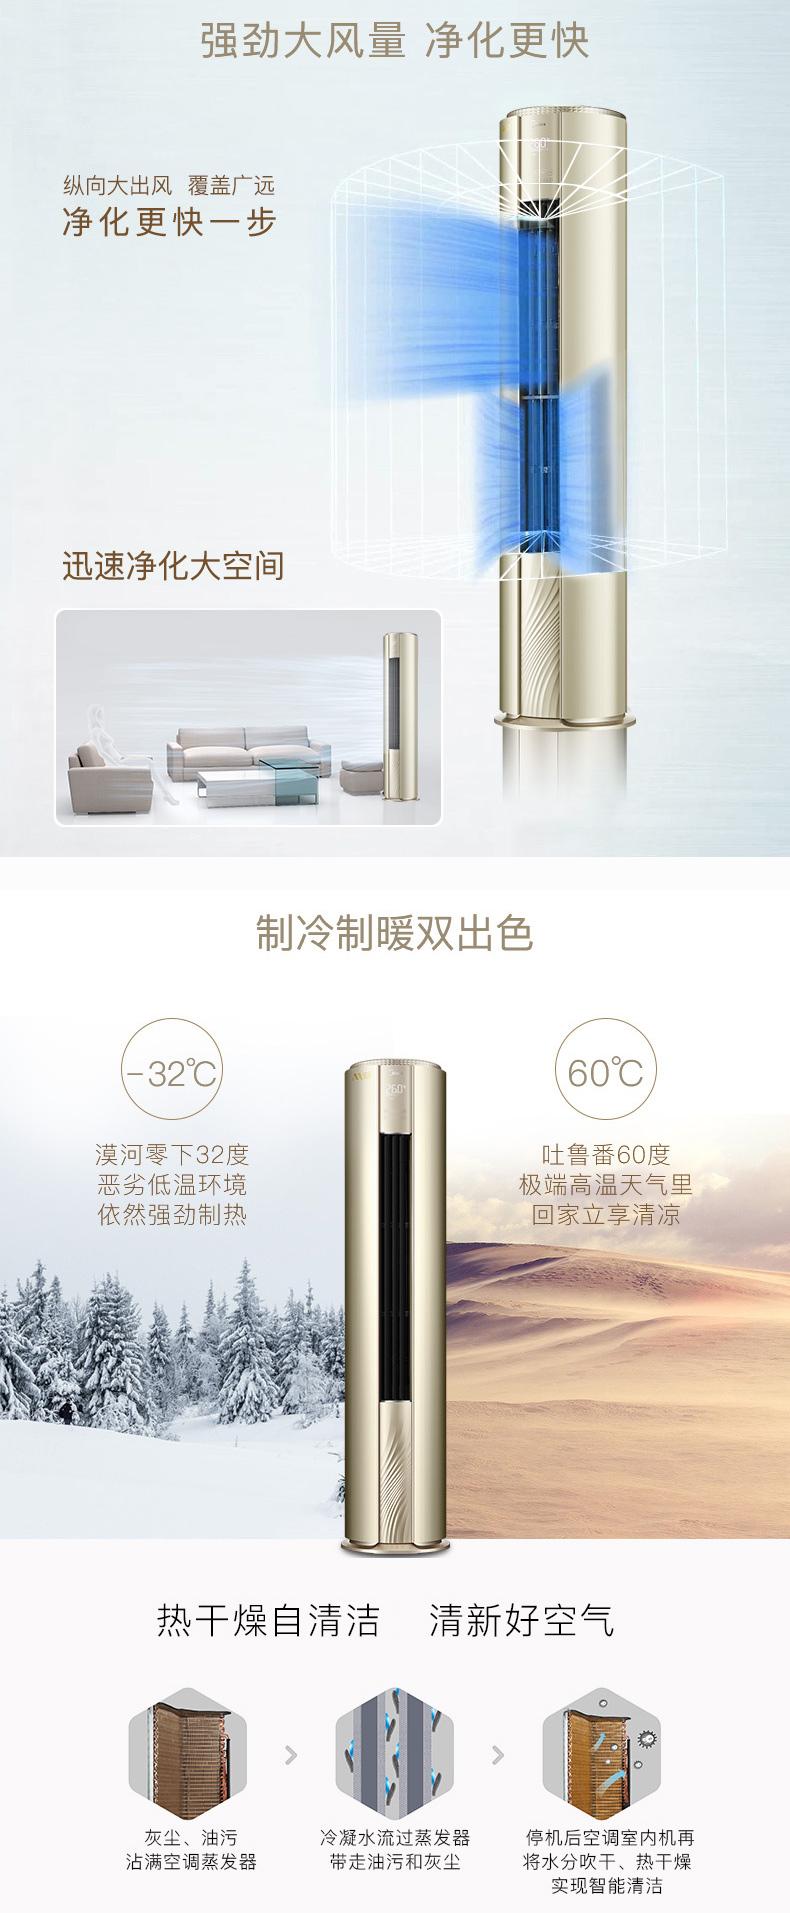 昆明立式空调品牌